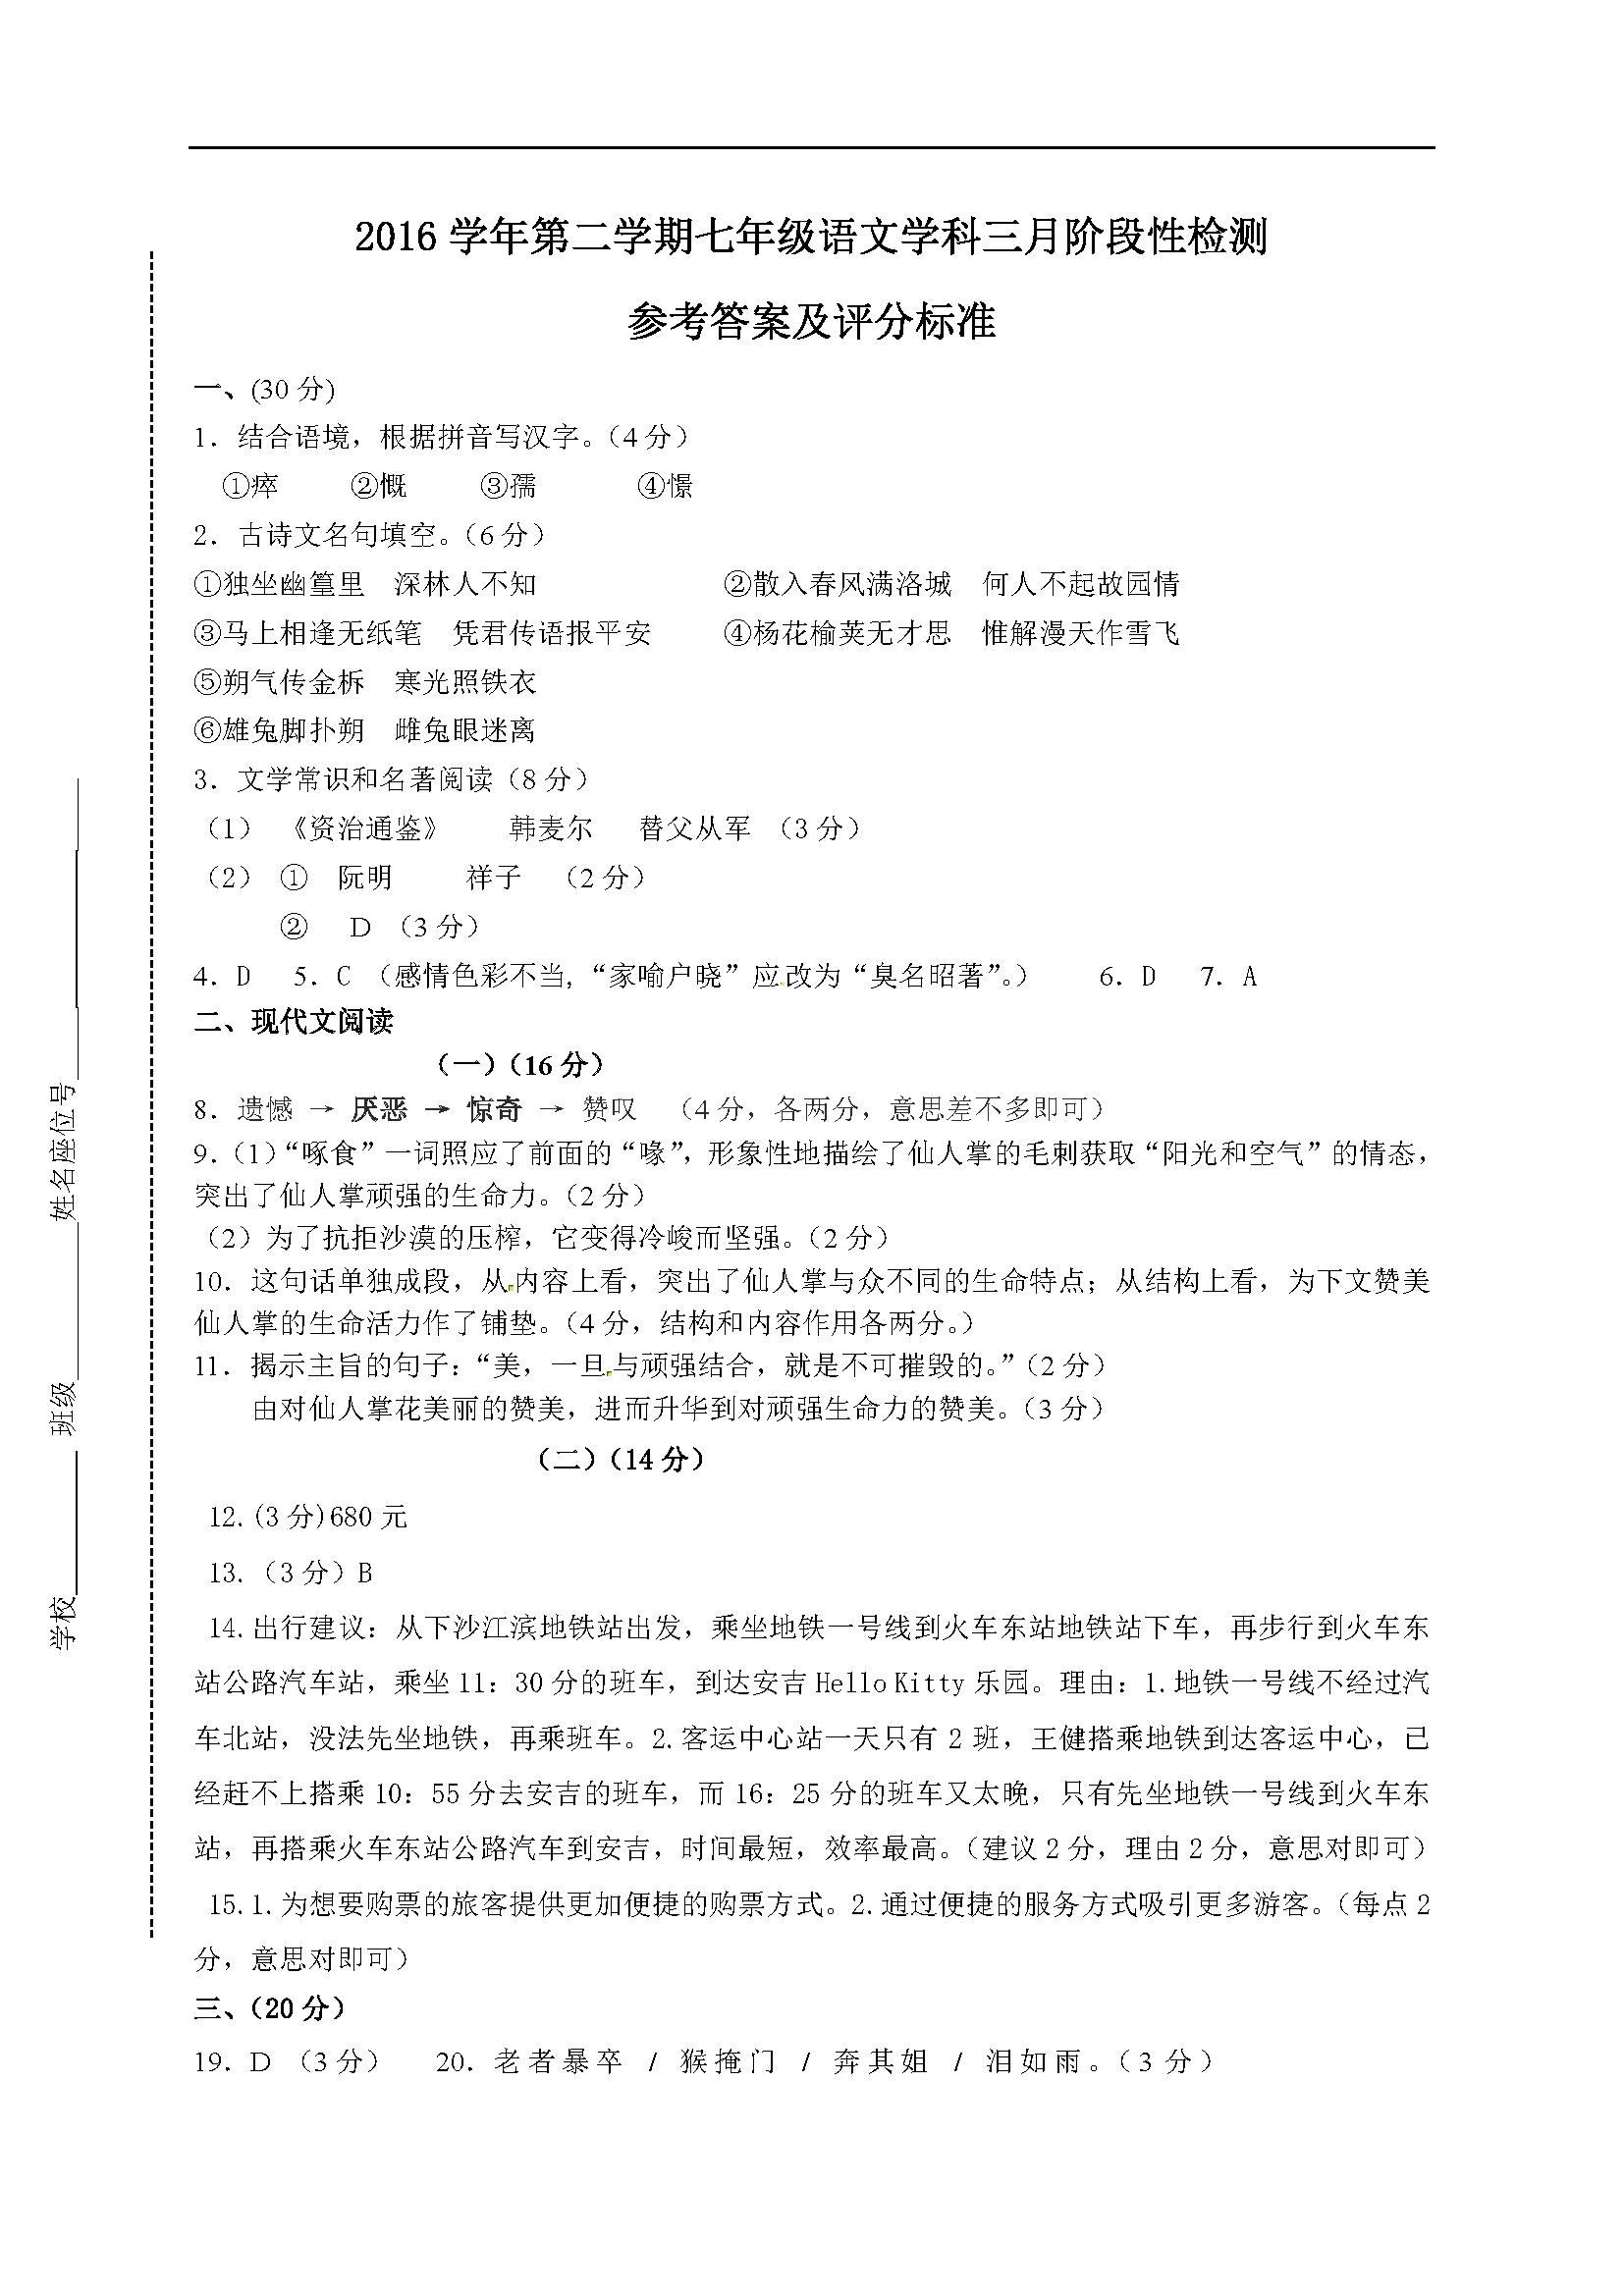 2017浙江杭州七年级3月月考语文试题答案(Word版)